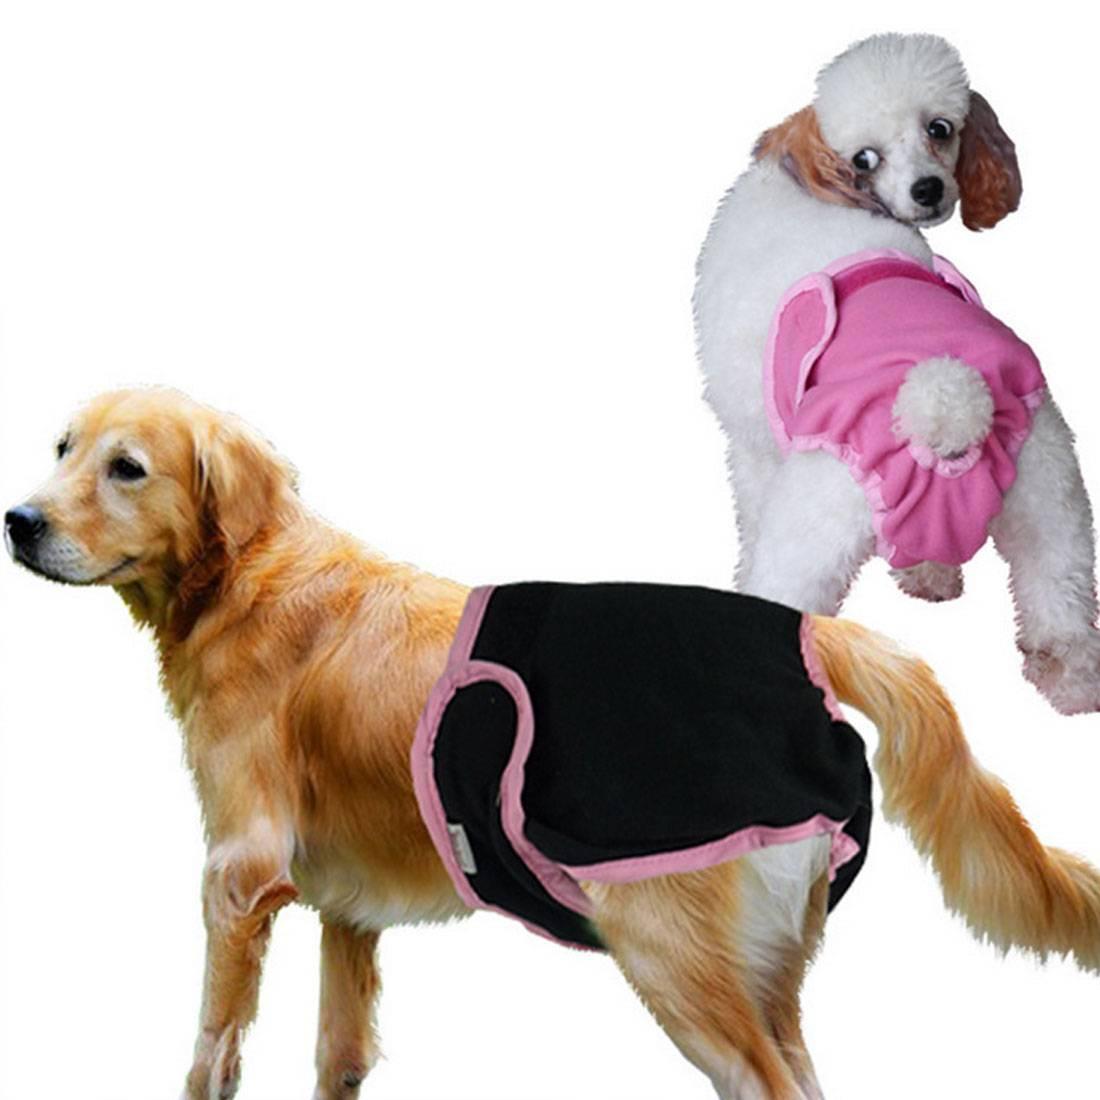 Как выбрать породу собак: лучшая маленькая для квартиры по характеристикам, подходящая для частного дома, первая для ребенка, мелкая для новичка